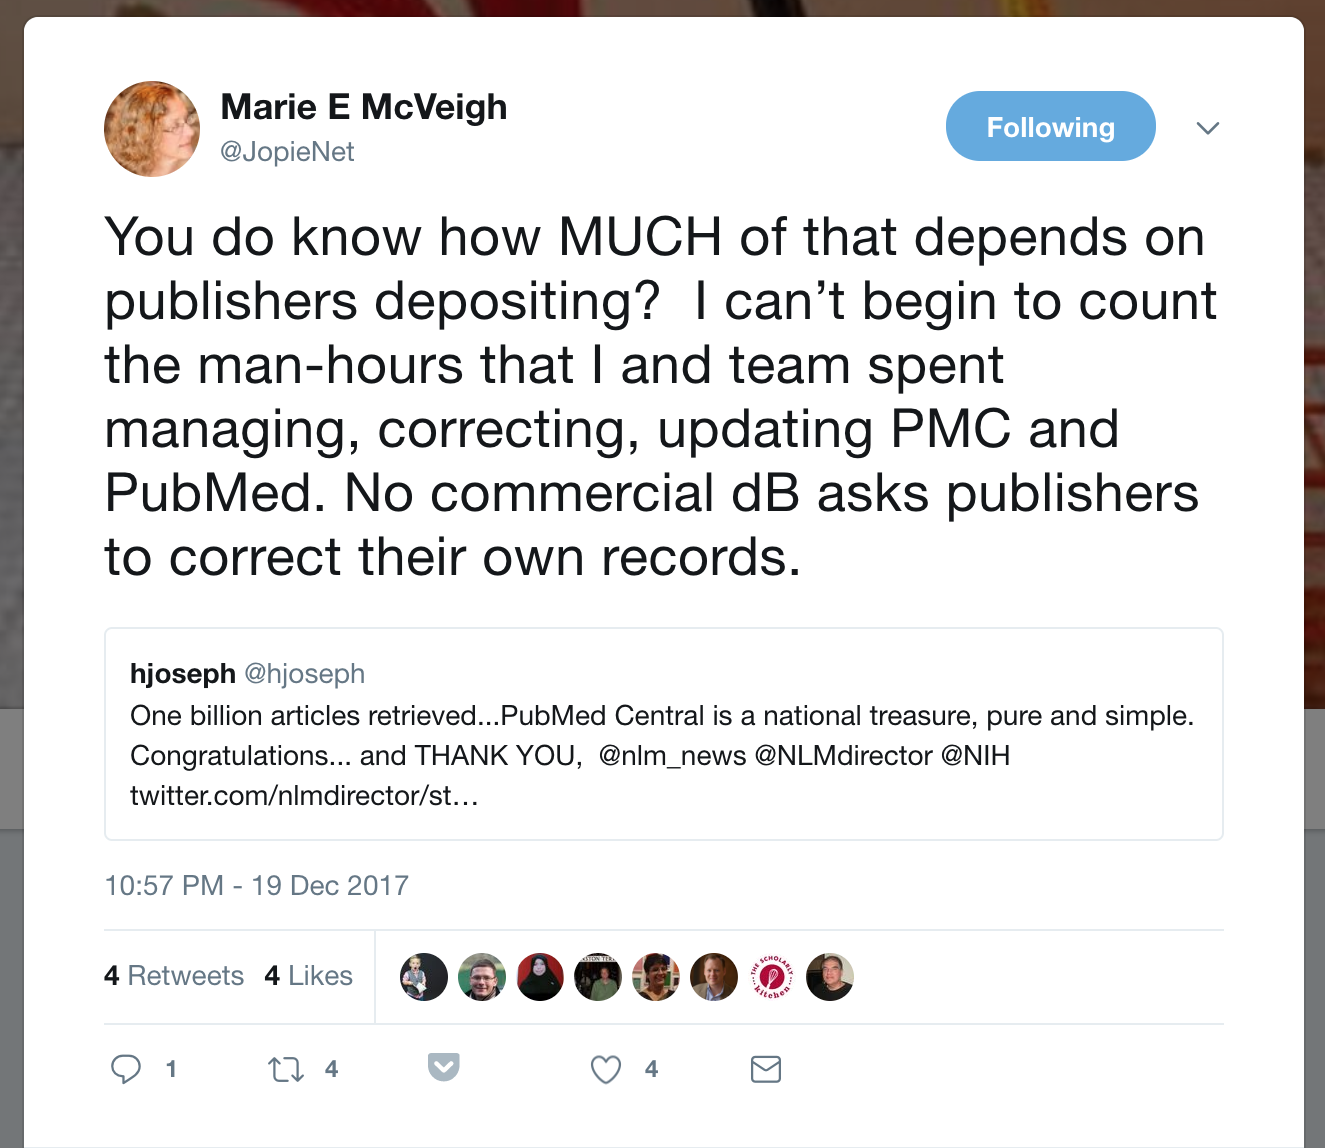 mcveigh tweet.png